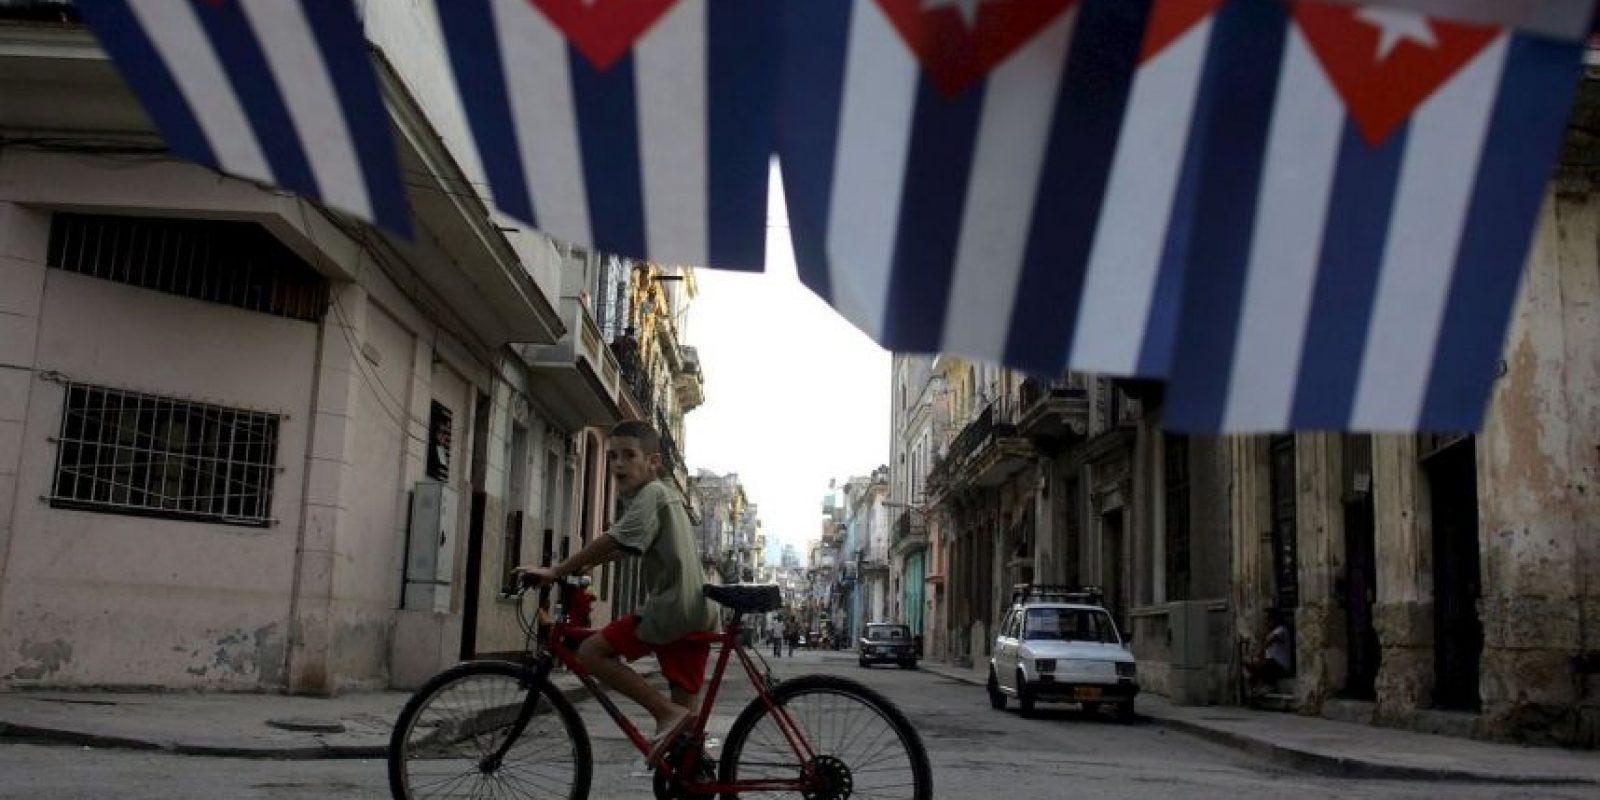 El pasado 17 de diciembre el presidente de Estados Unidos, Barack Obama y el presidente de Cuba, Raúl Castro anunciaron que normalizarían sus relaciones diplomáticas. Foto:Getty